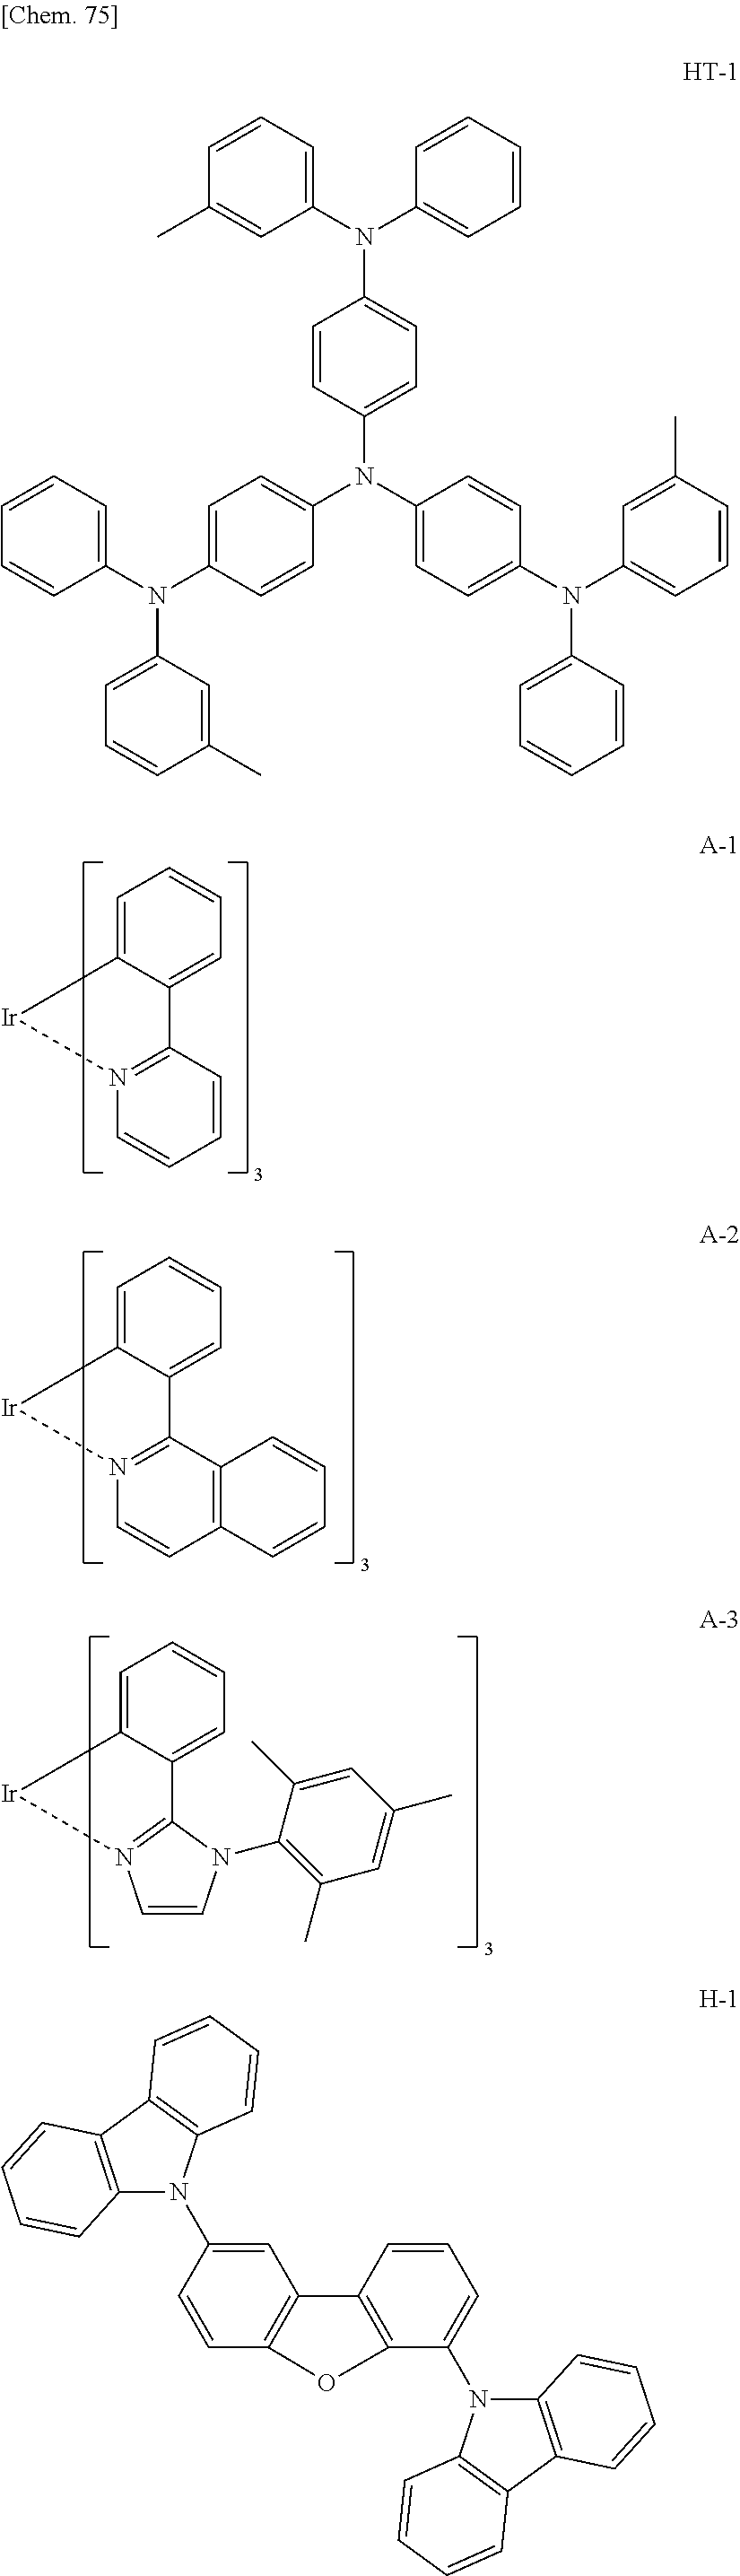 Figure US20150303398A1-20151022-C00072